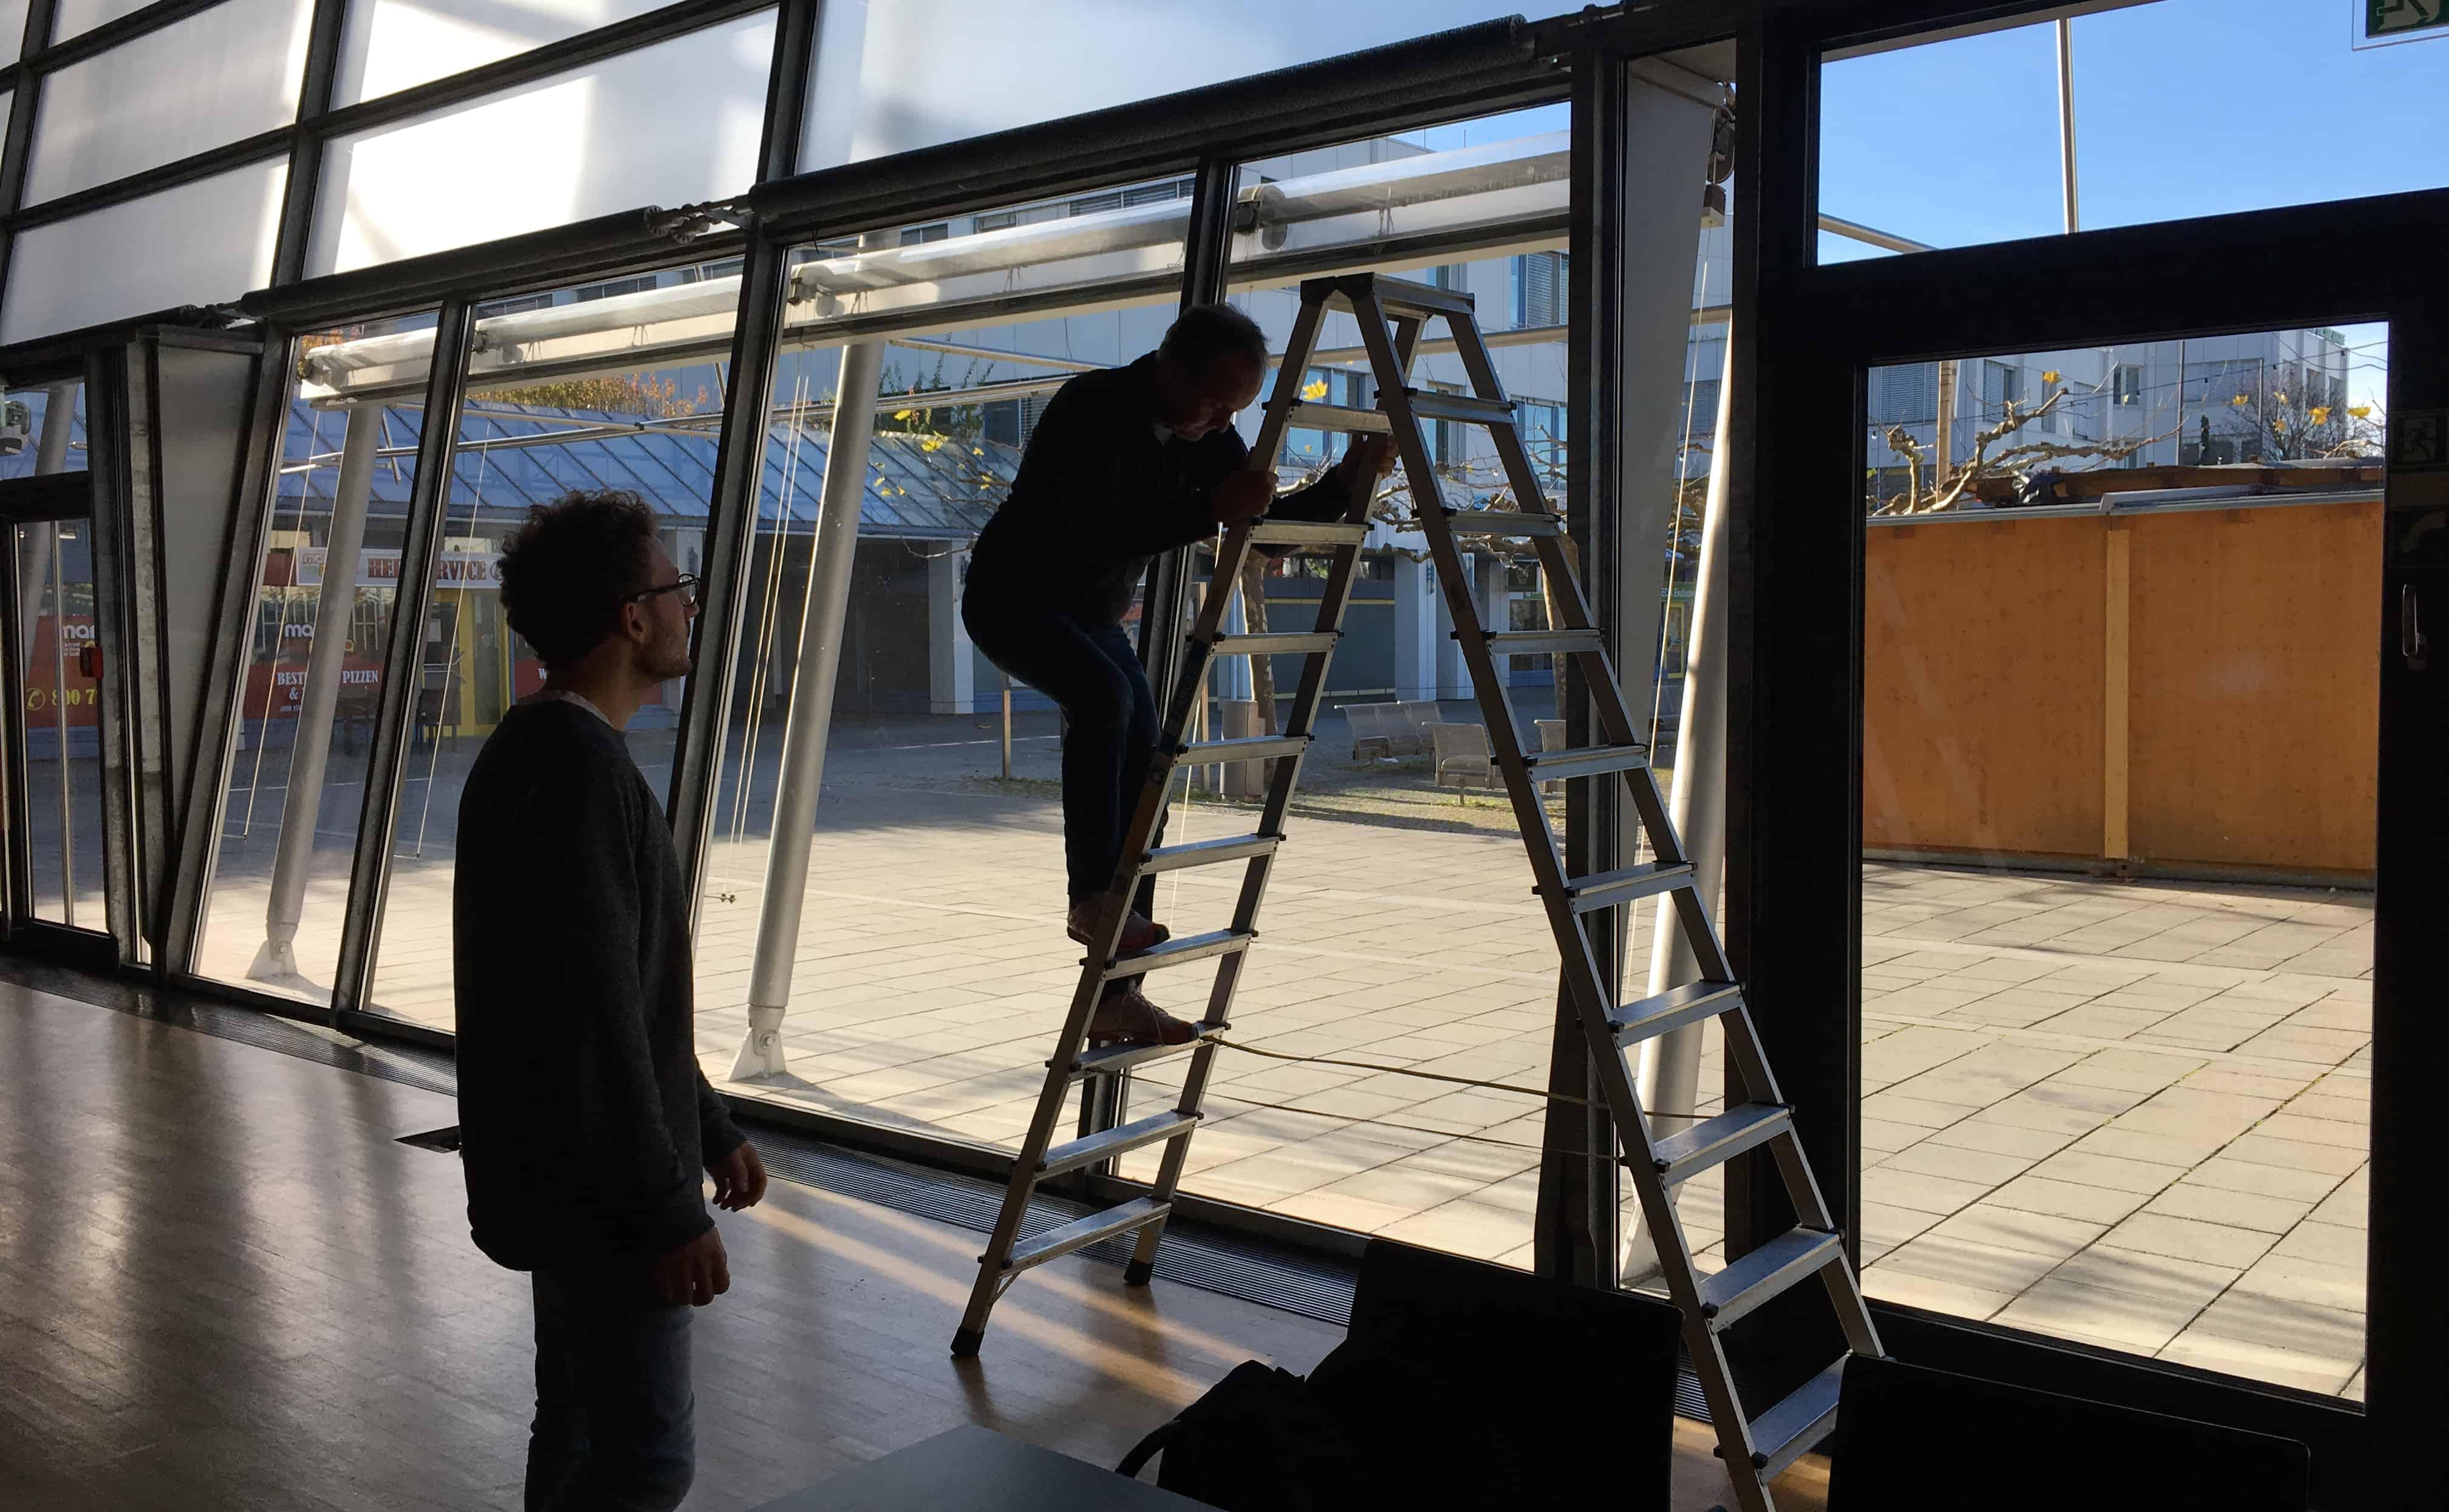 Location-Besichtigung in der Stadthalle mit Daniel Milhaila und Christian Jonczyk (Technischer Leiter)